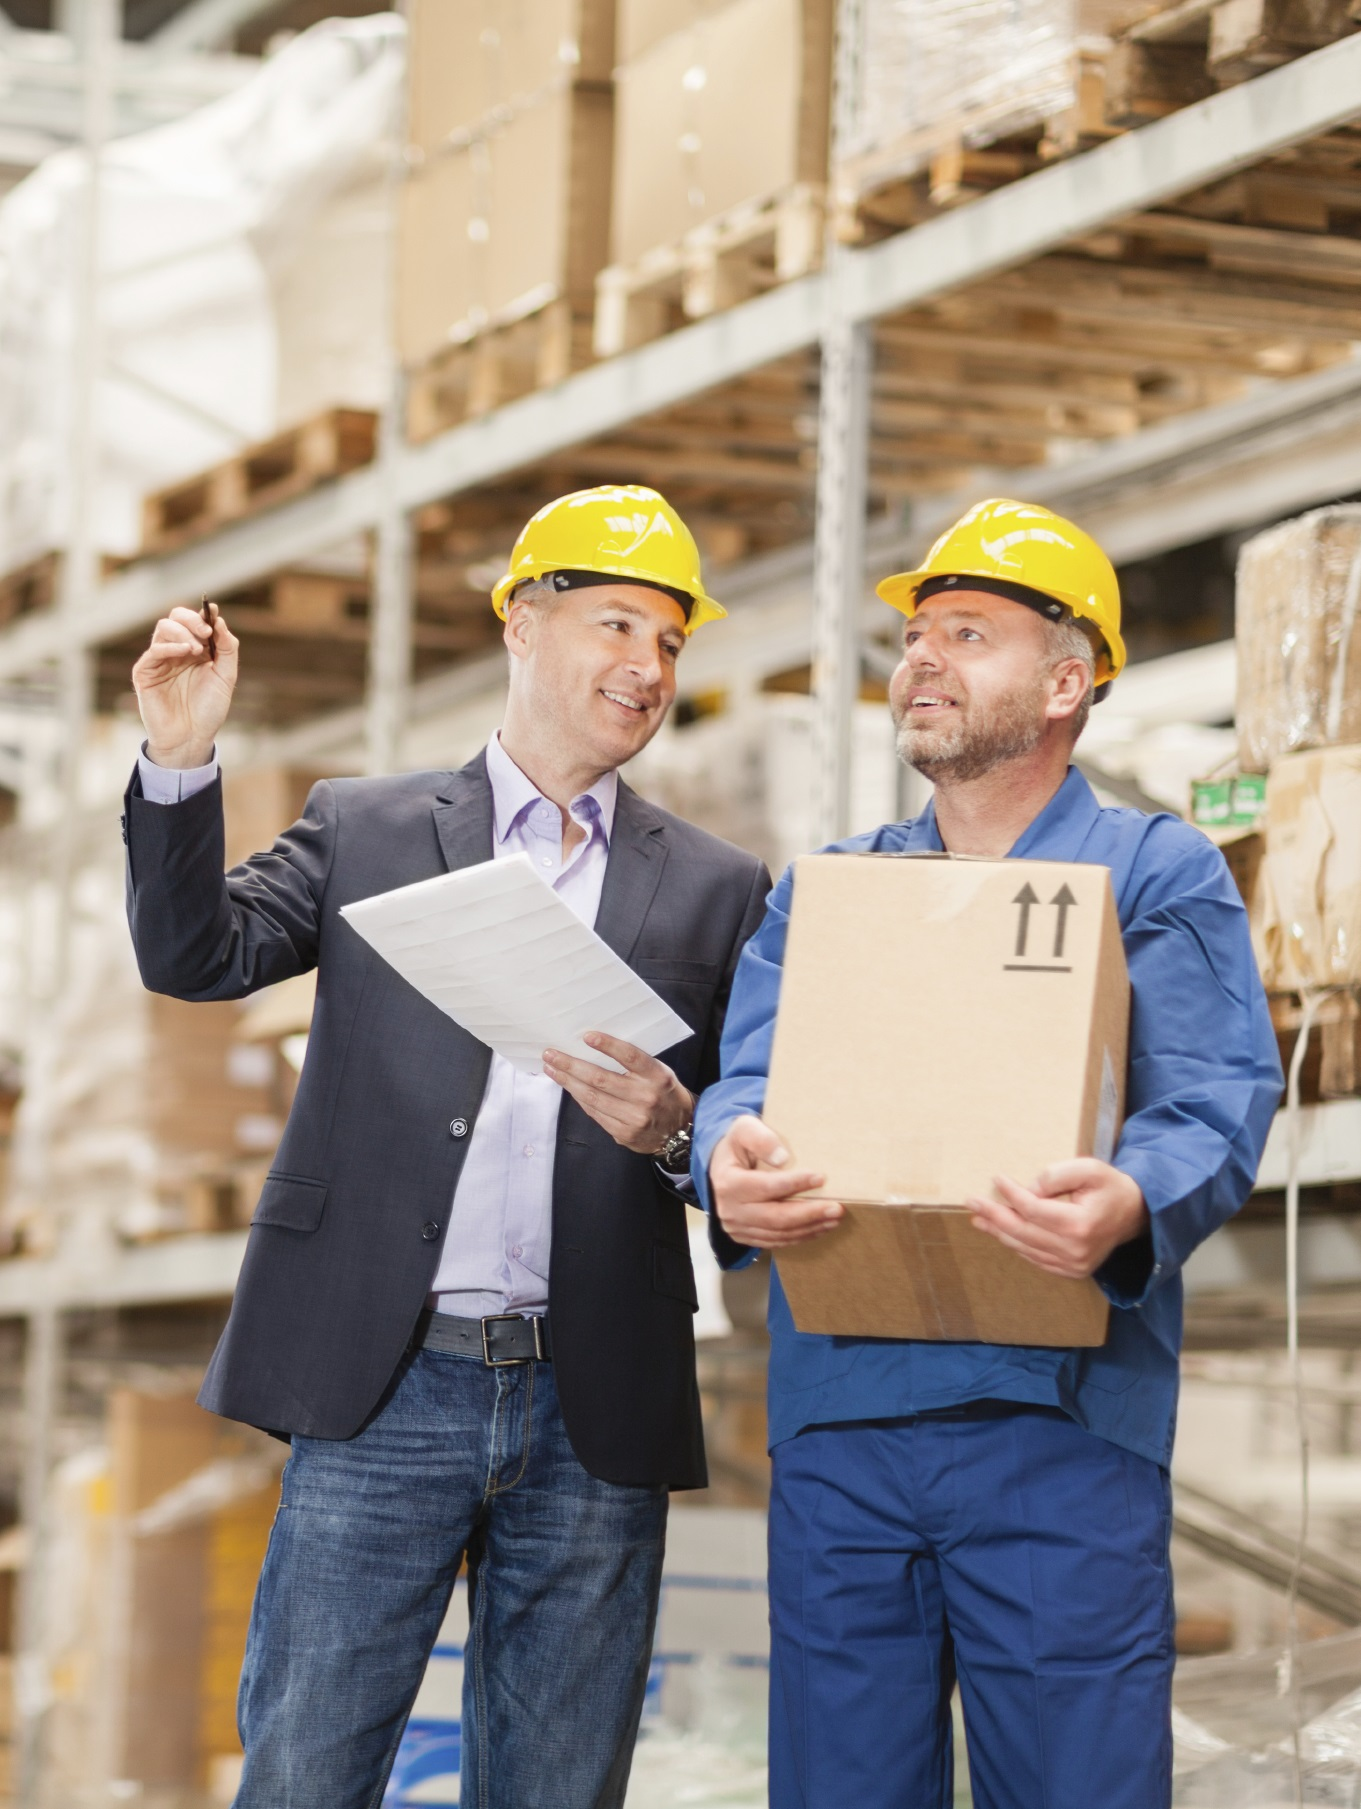 Warehouse Shipping Receiving